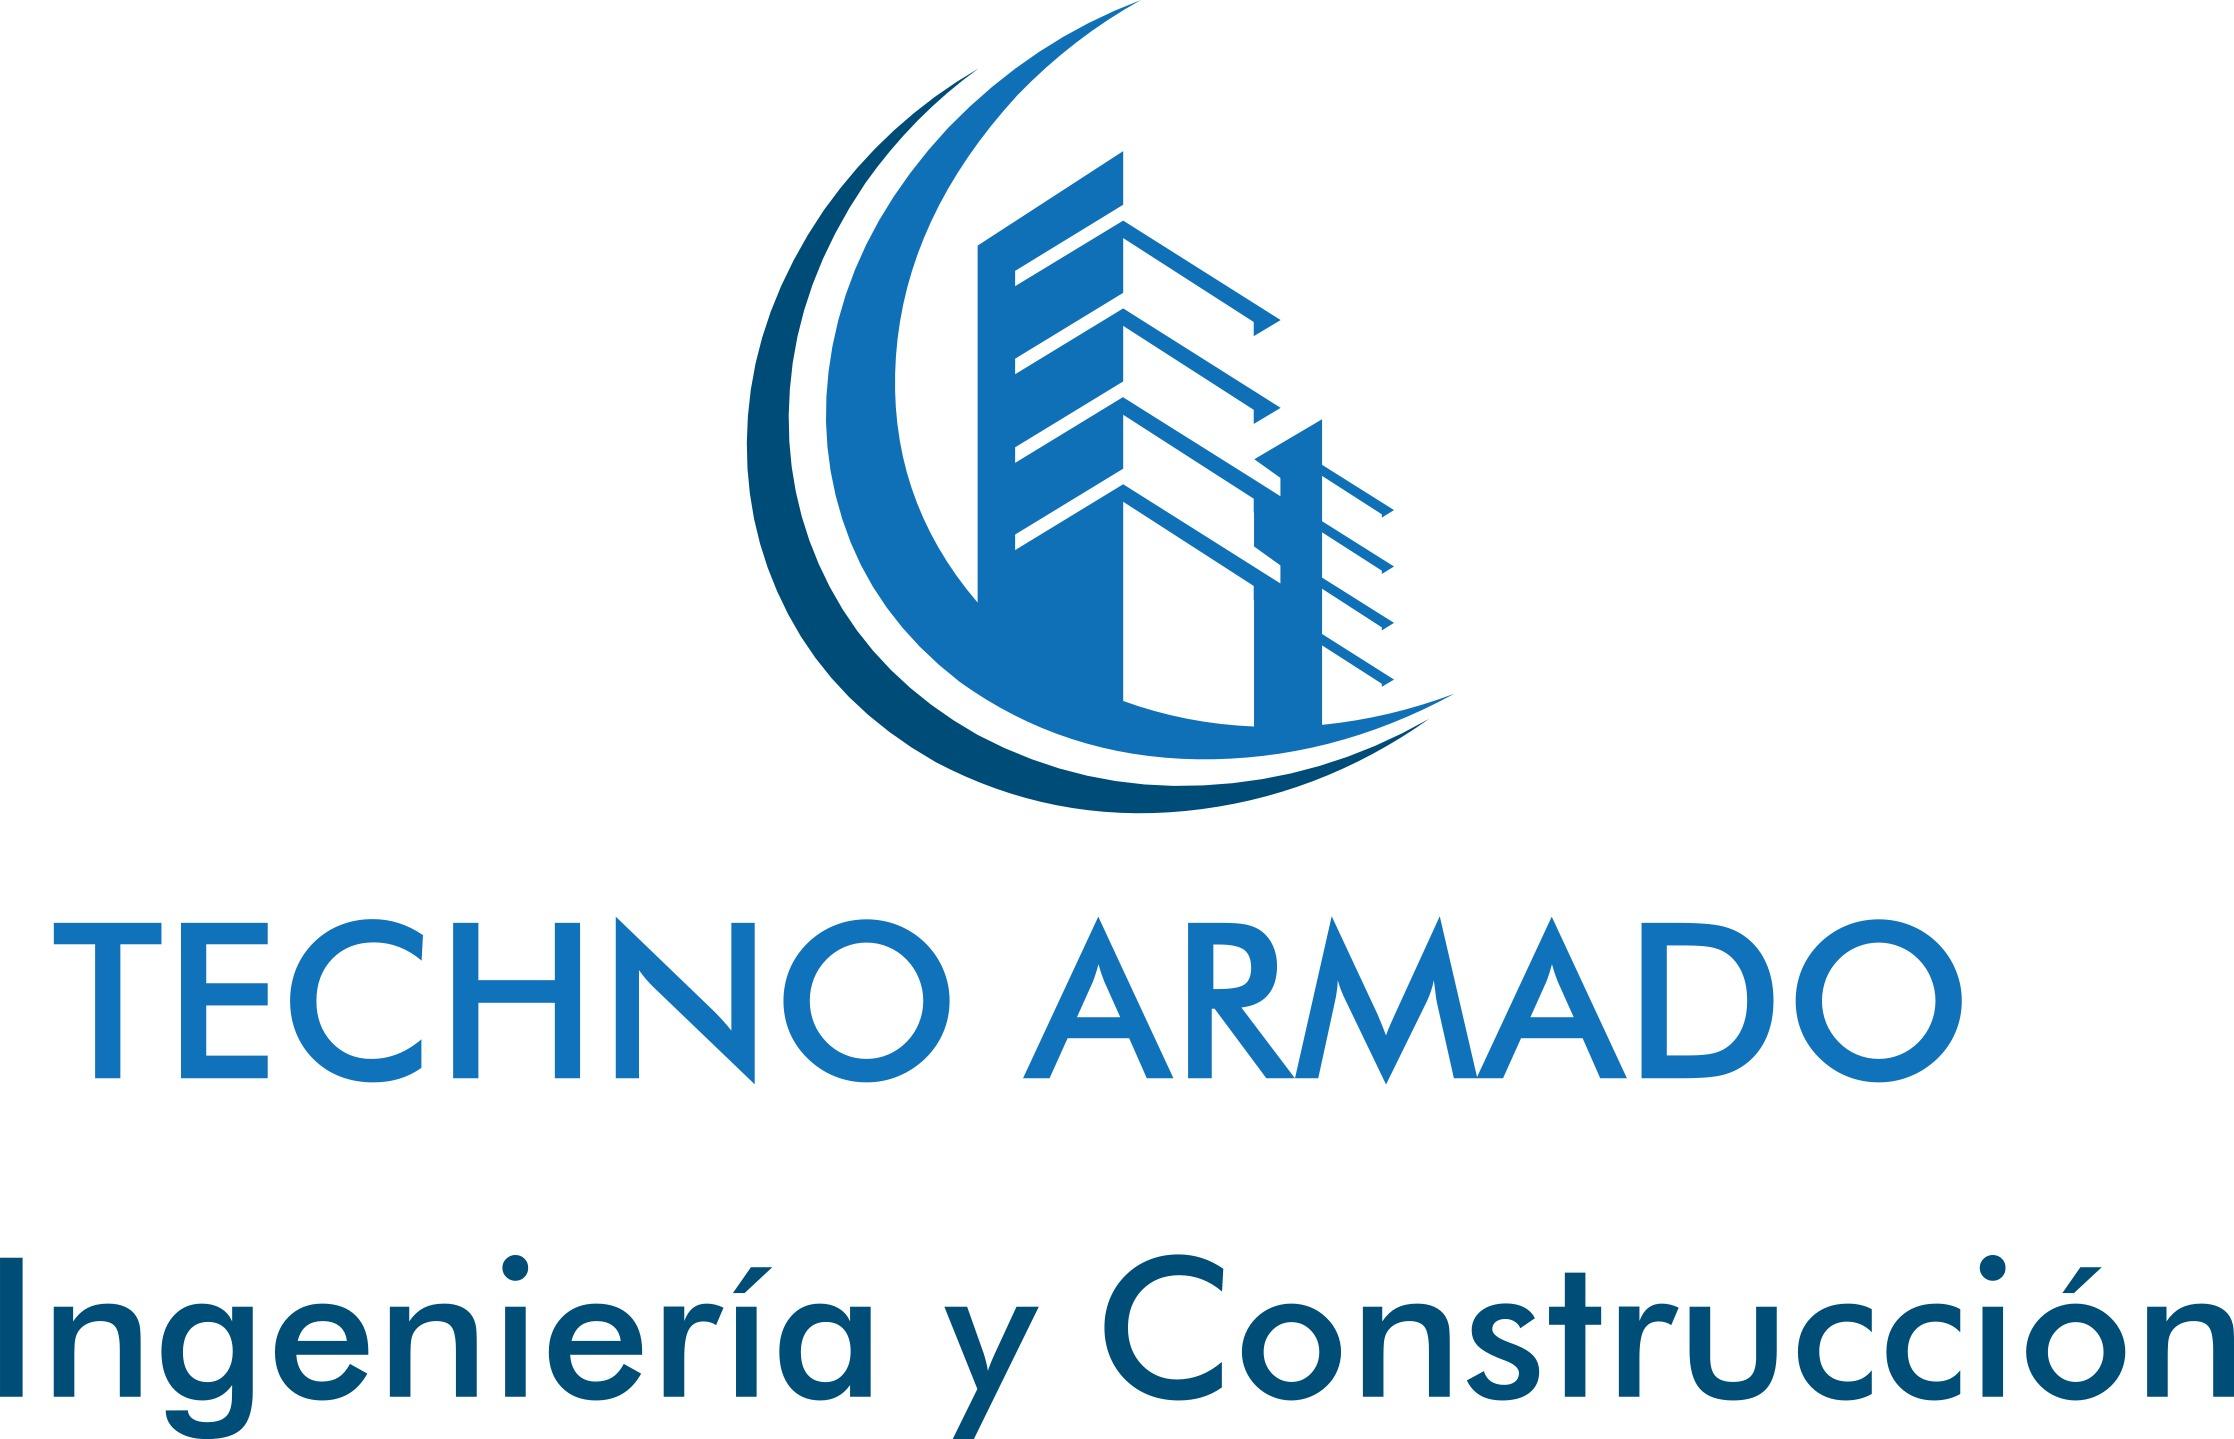 Techno Armado Ingeniería y Construcción